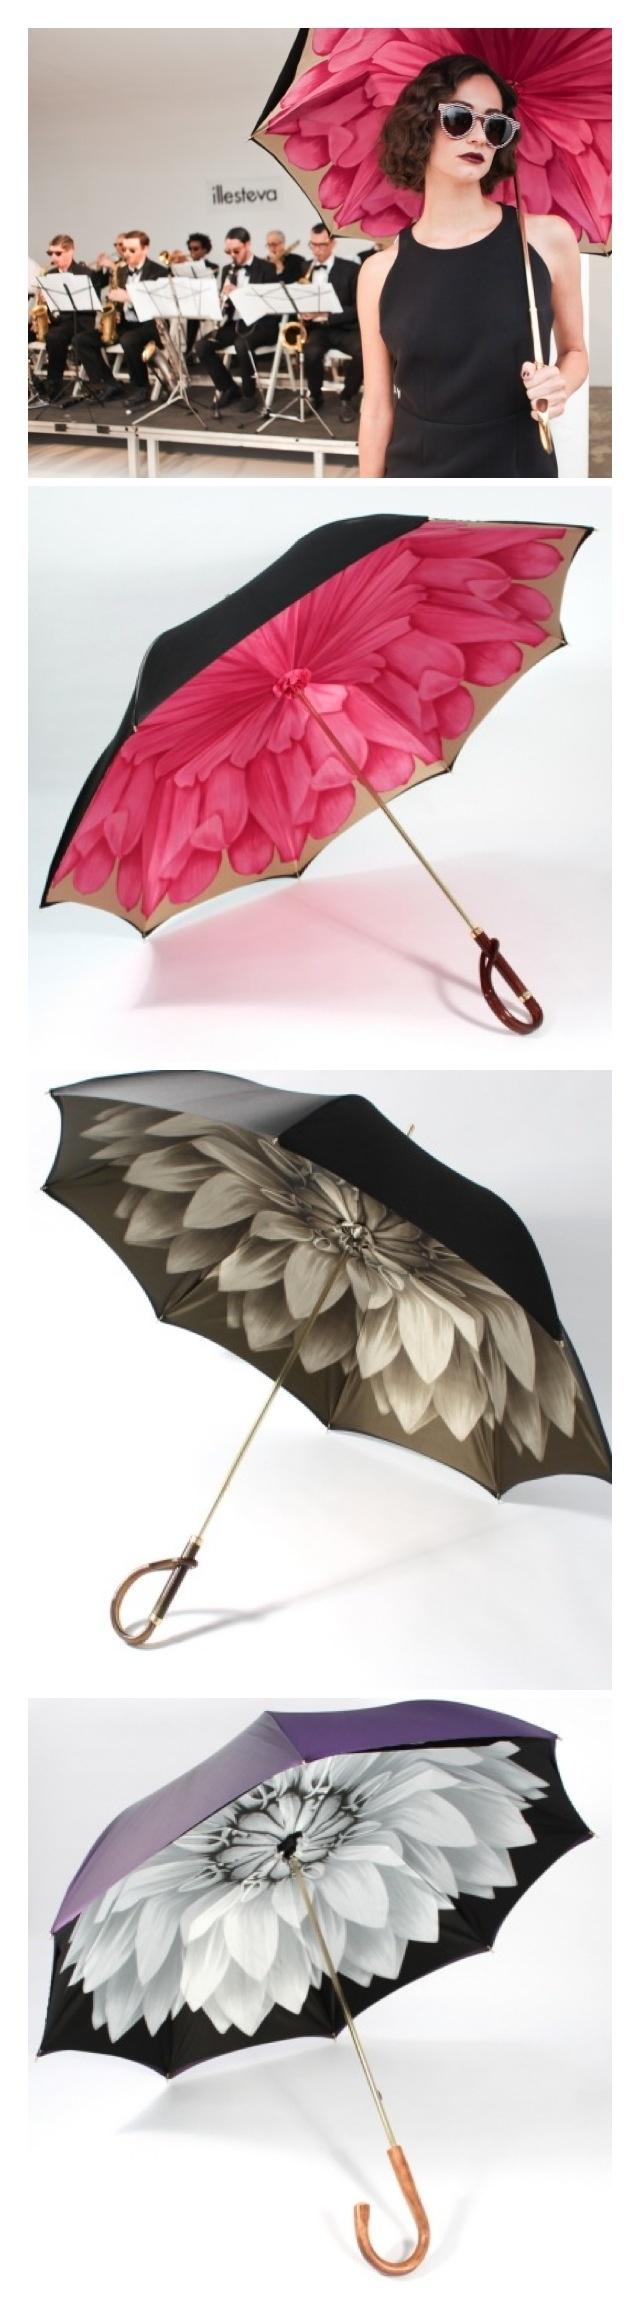 これからの傘は中をおしゃれに!